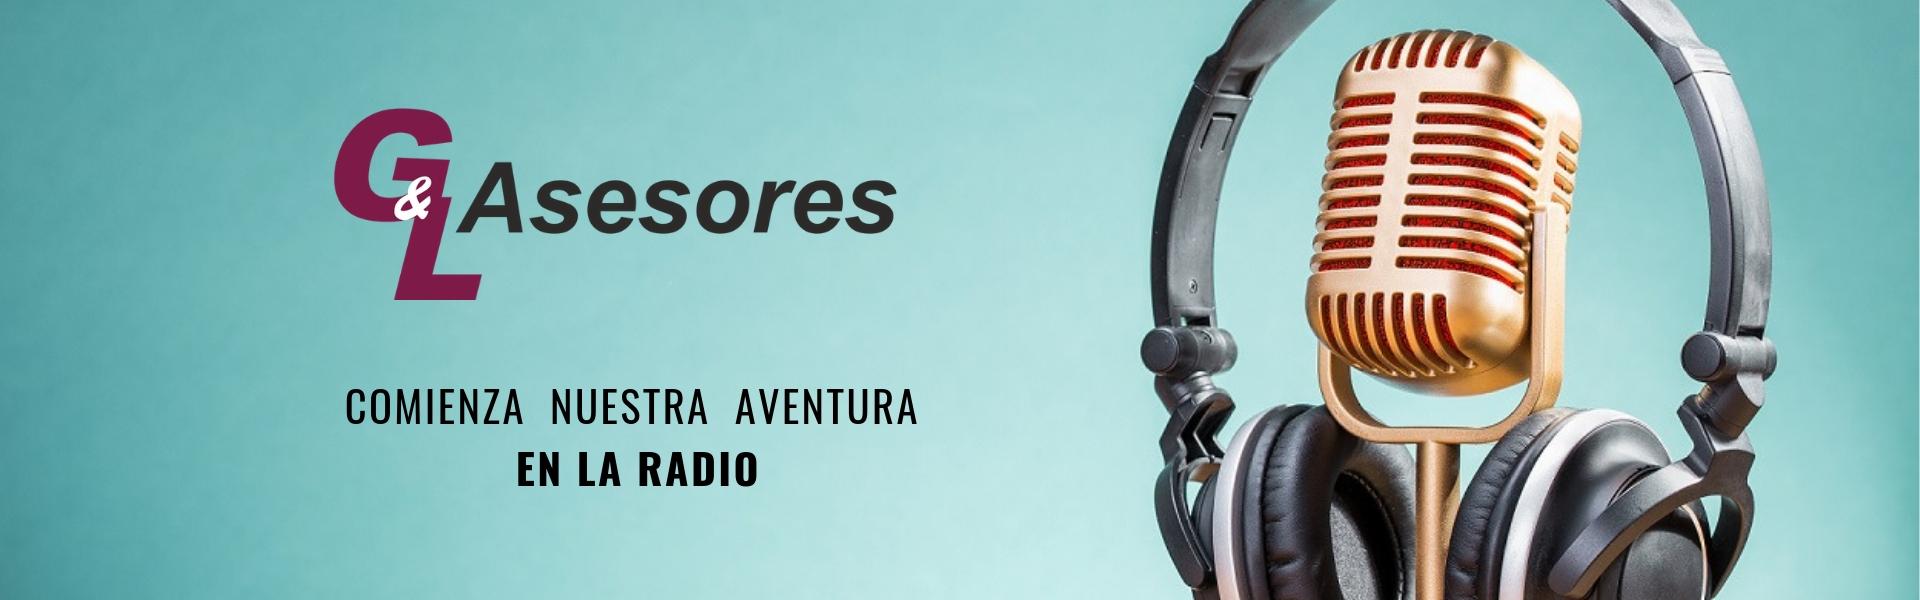 COMIENZA NUESTRA AVENTURA EN LA RADIO